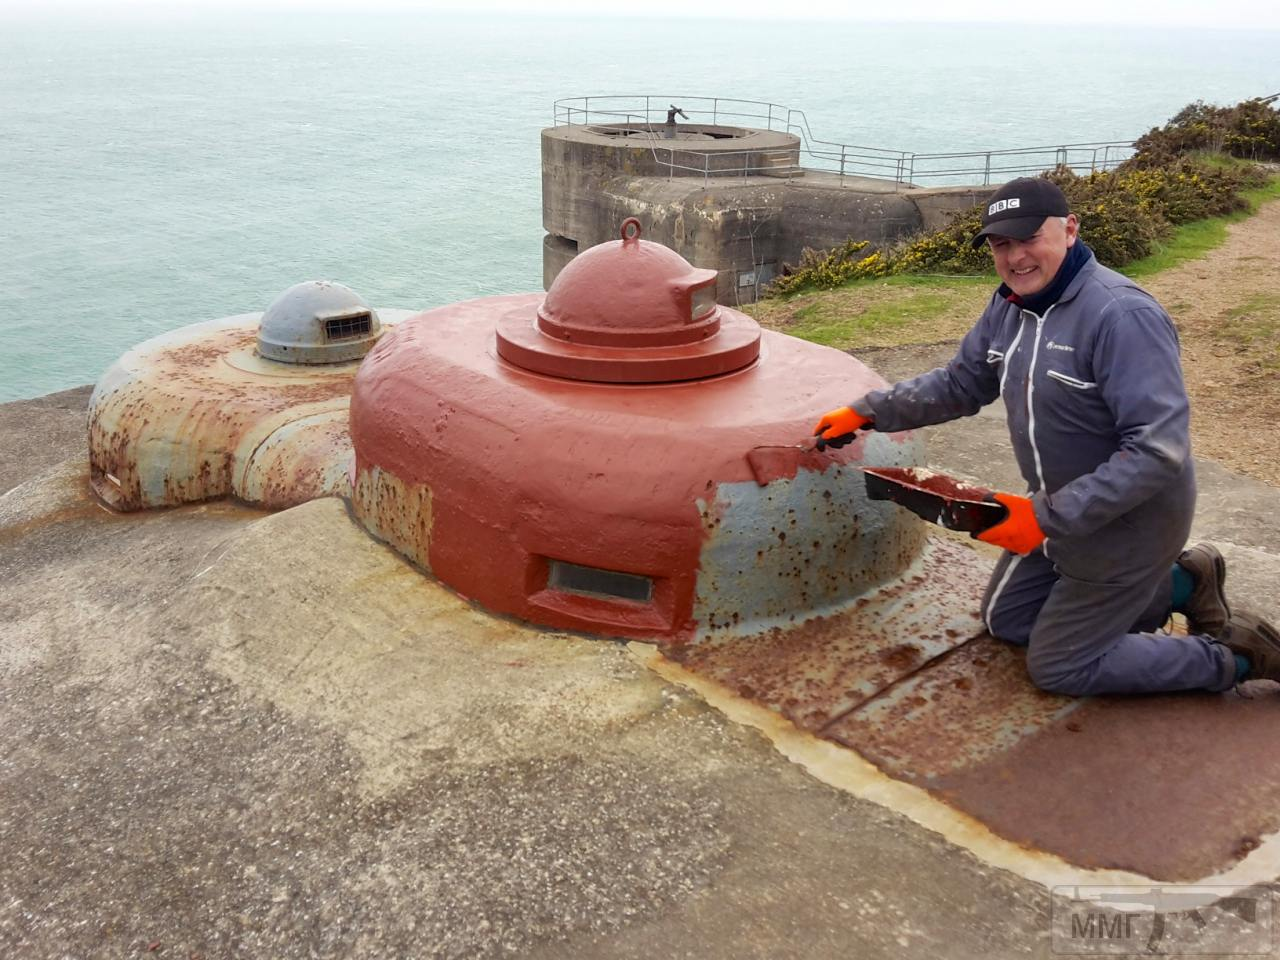 94857 - Корабельные пушки-монстры в музеях и во дворах...